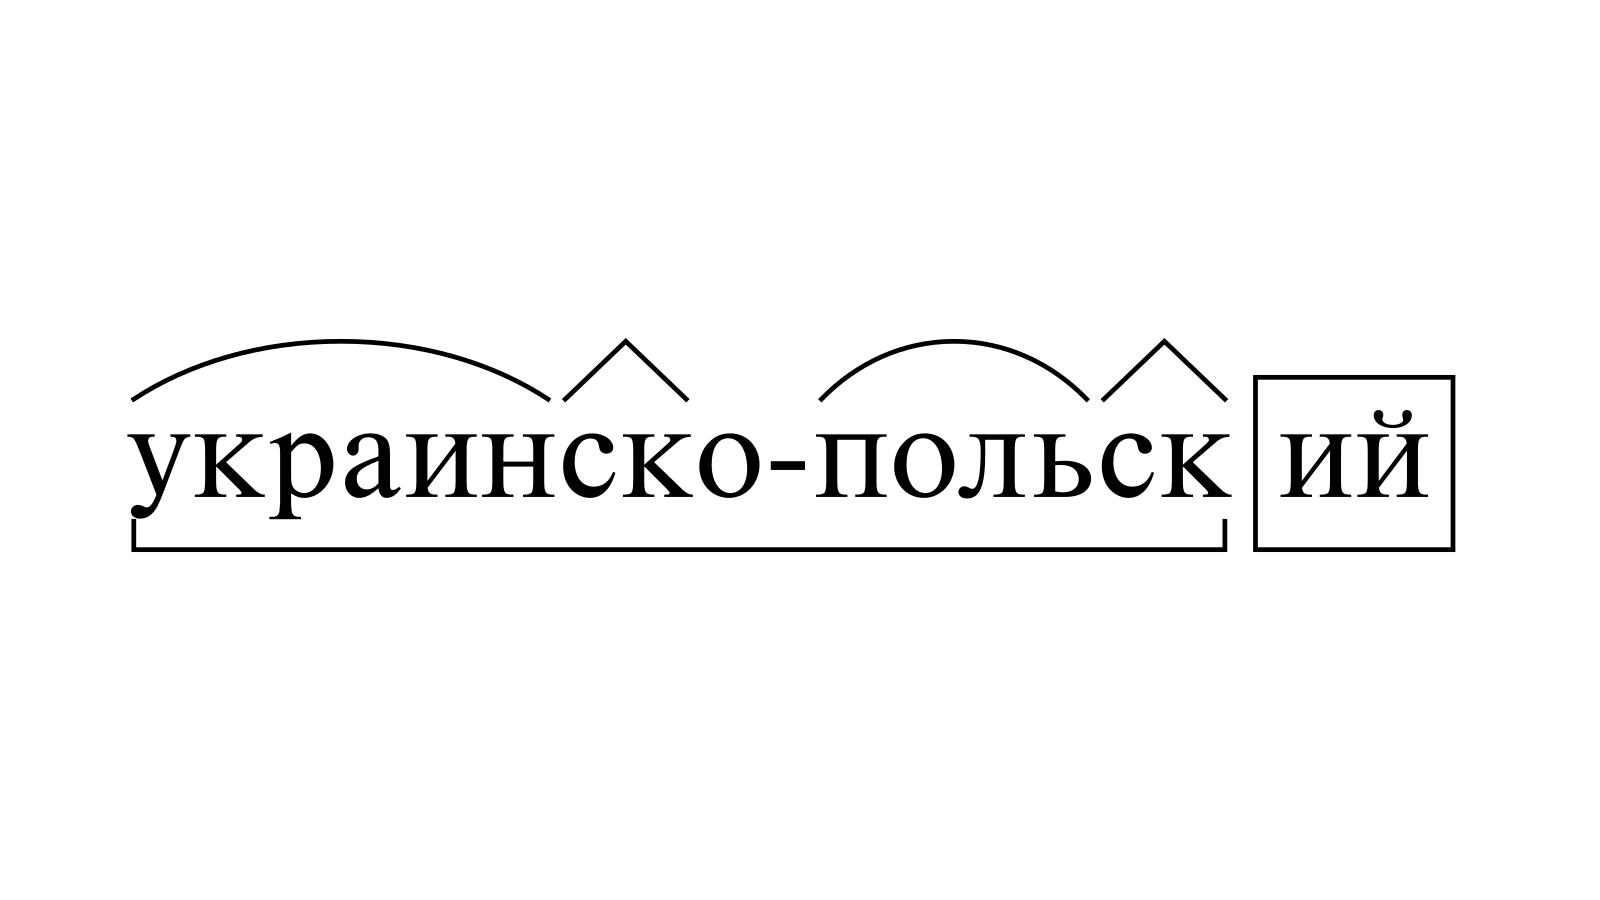 Разбор слова «украинско-польский» по составу